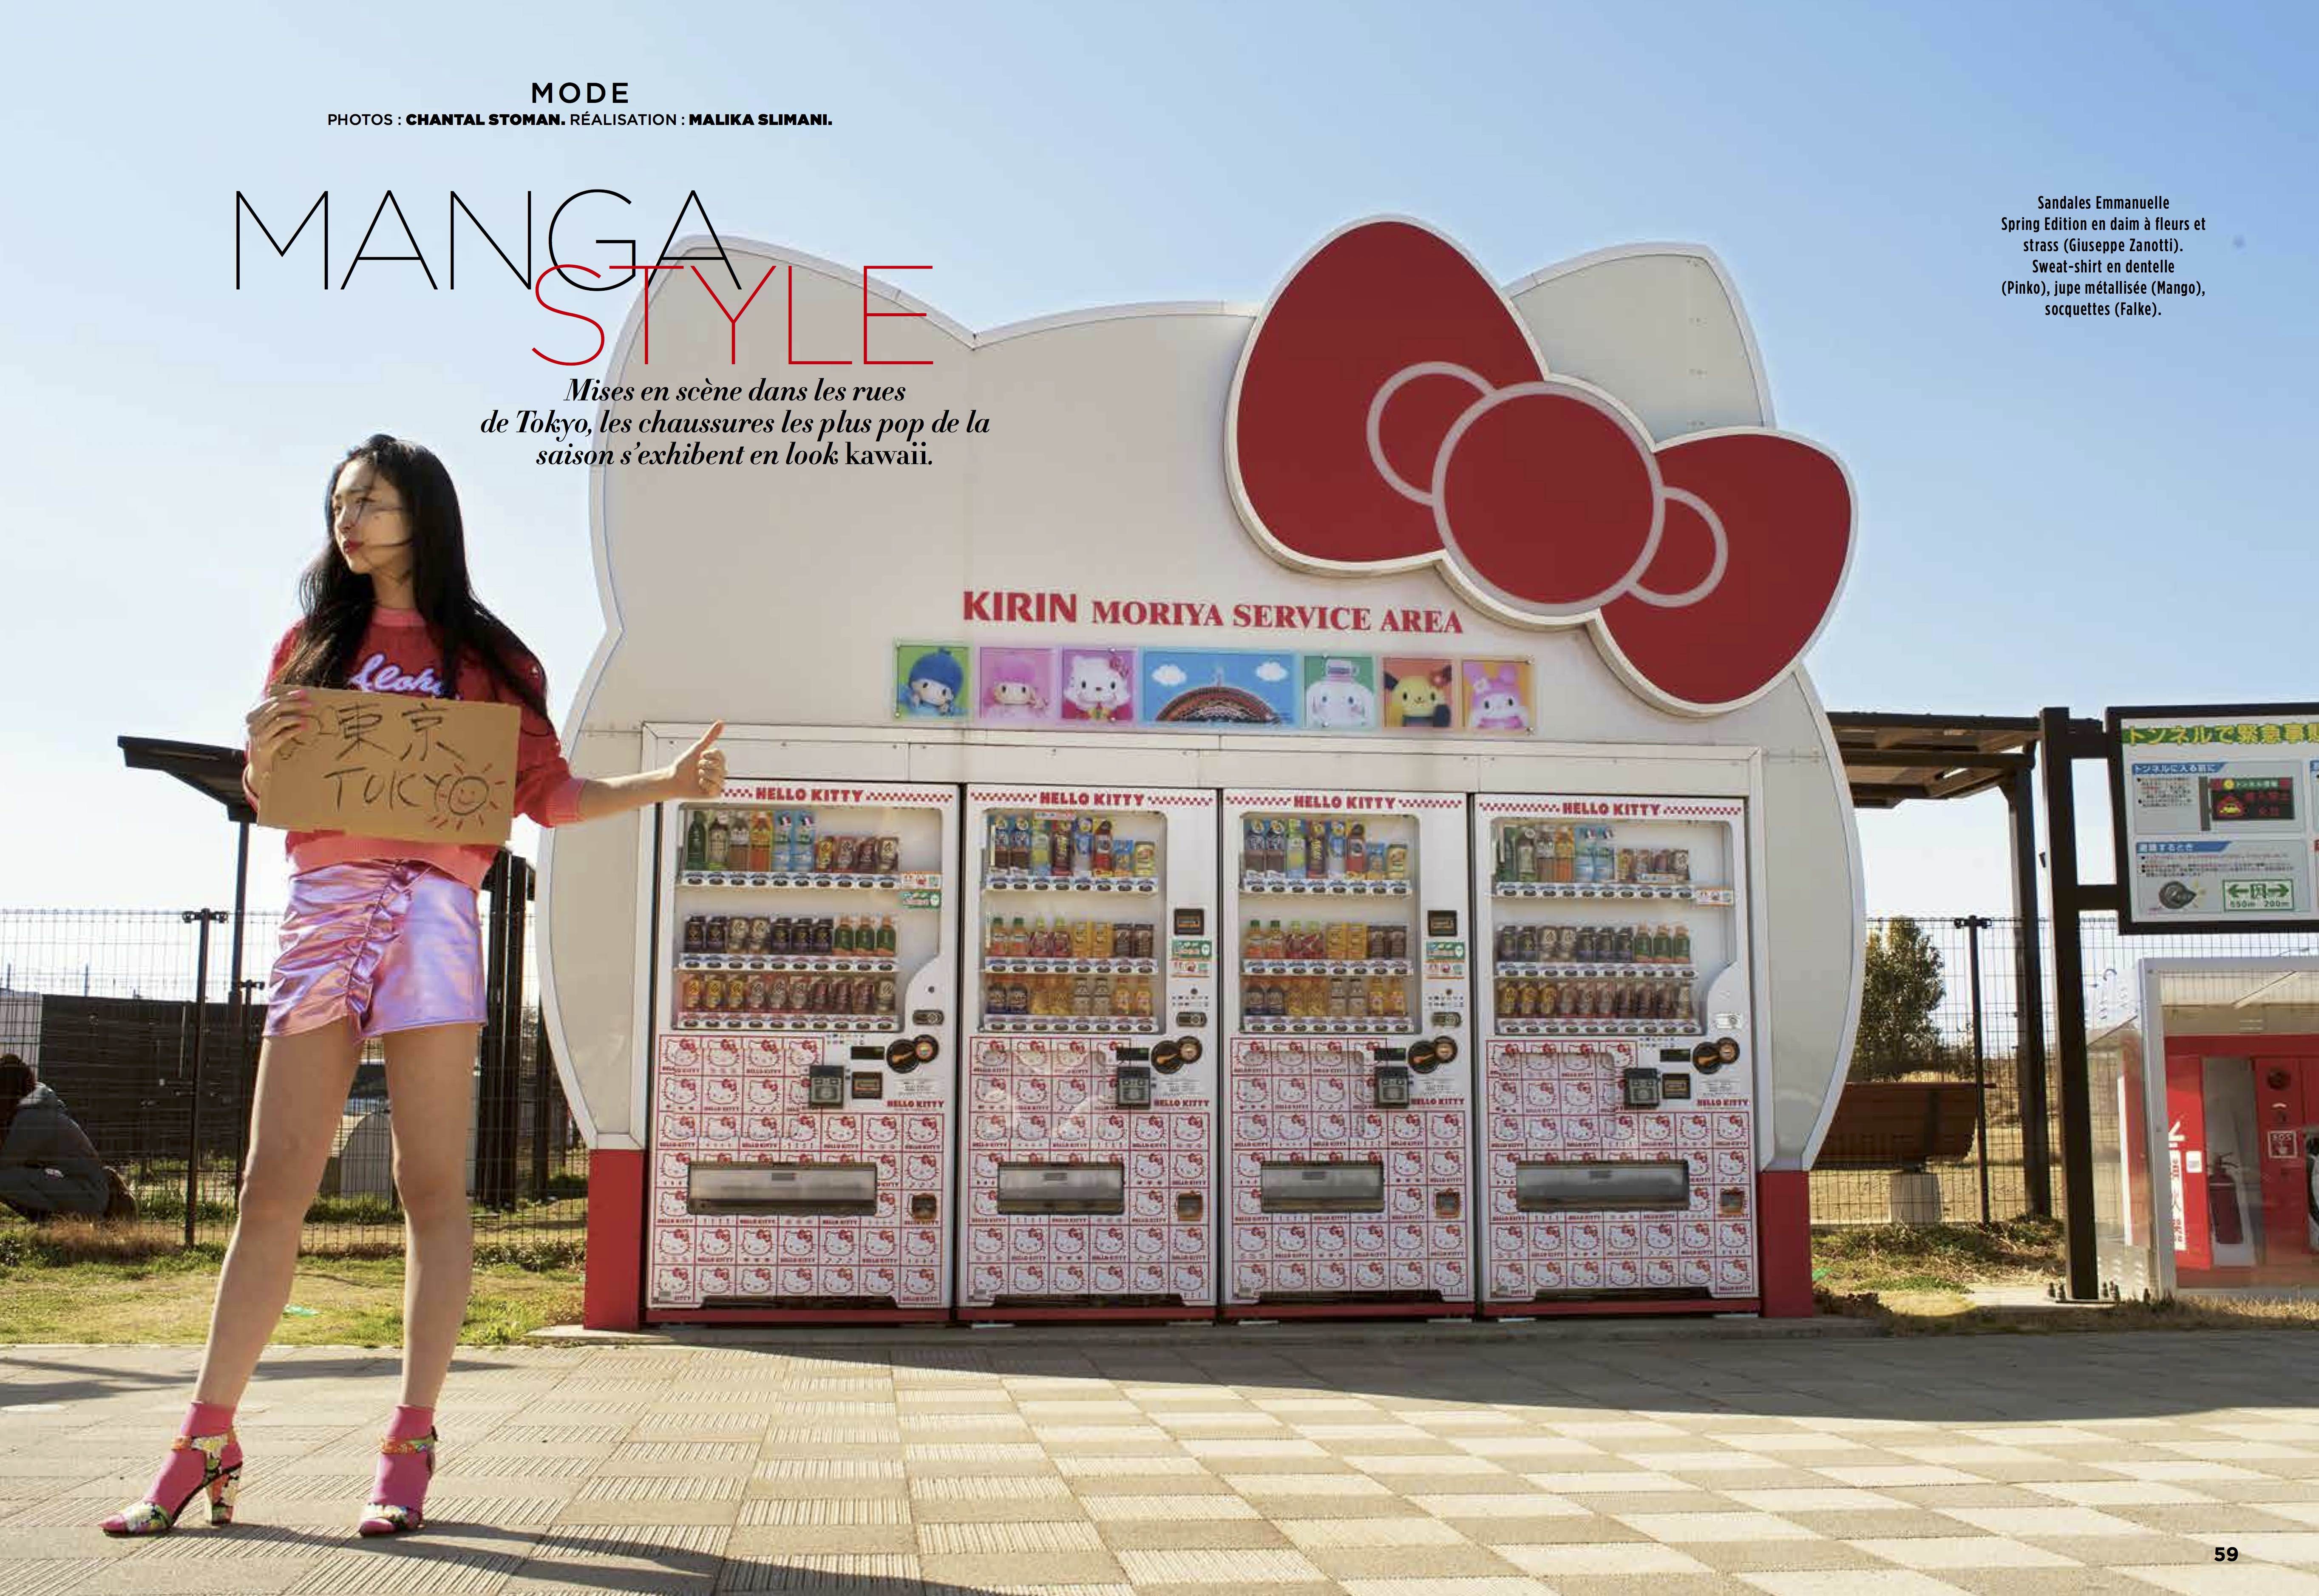 MANGA STYLE by Stoman